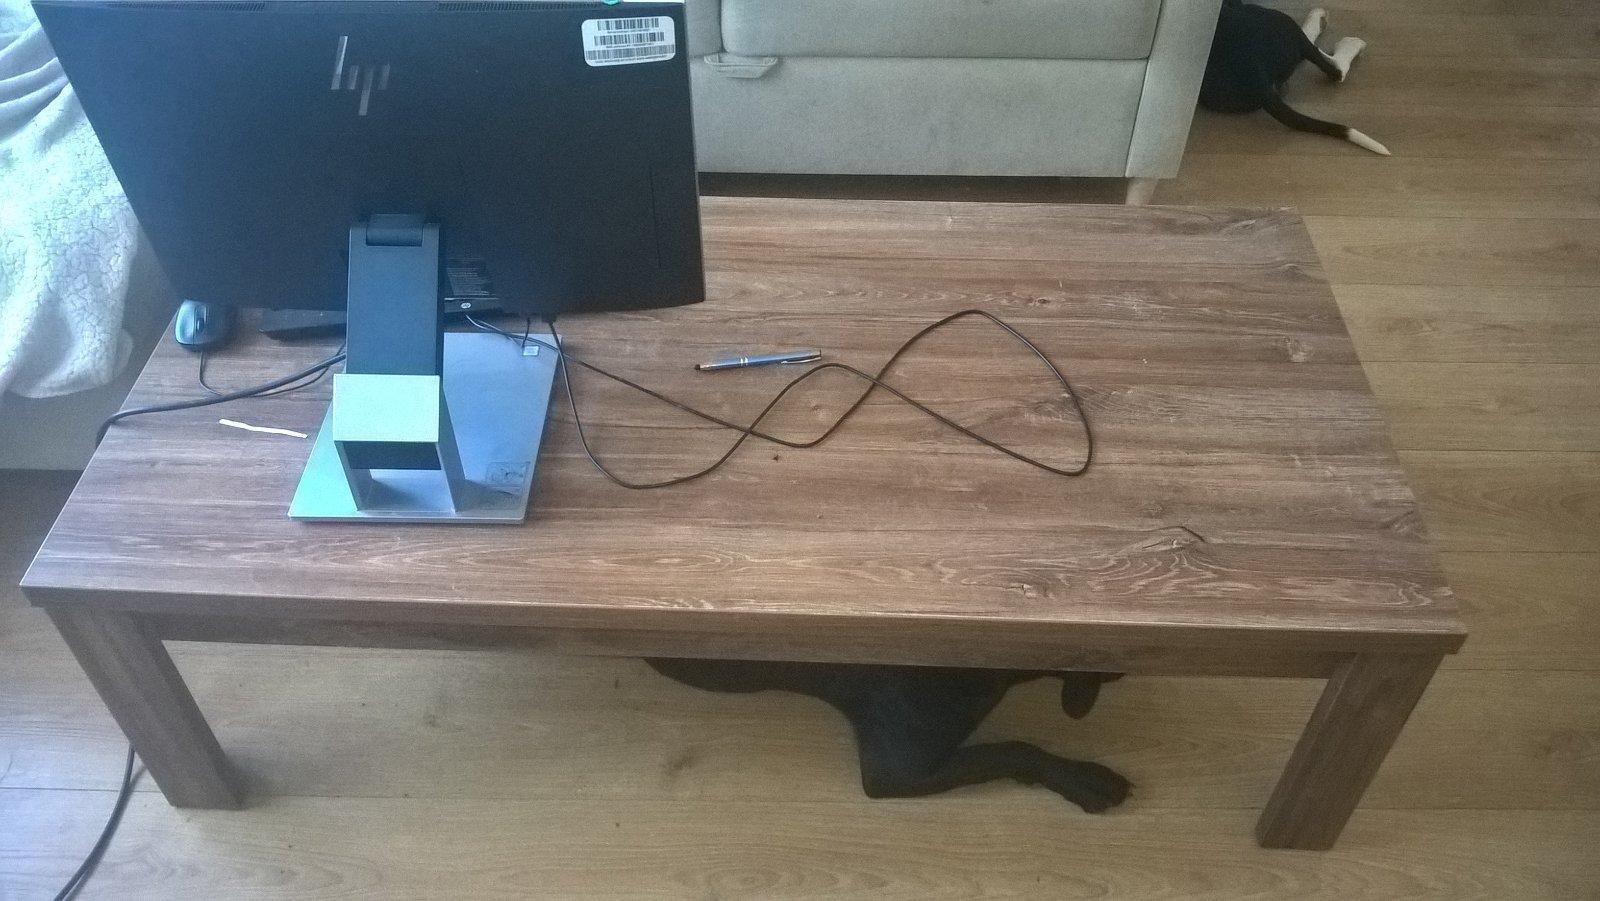 stolik pod TV a konferenčný stolík - Obrázok č. 2